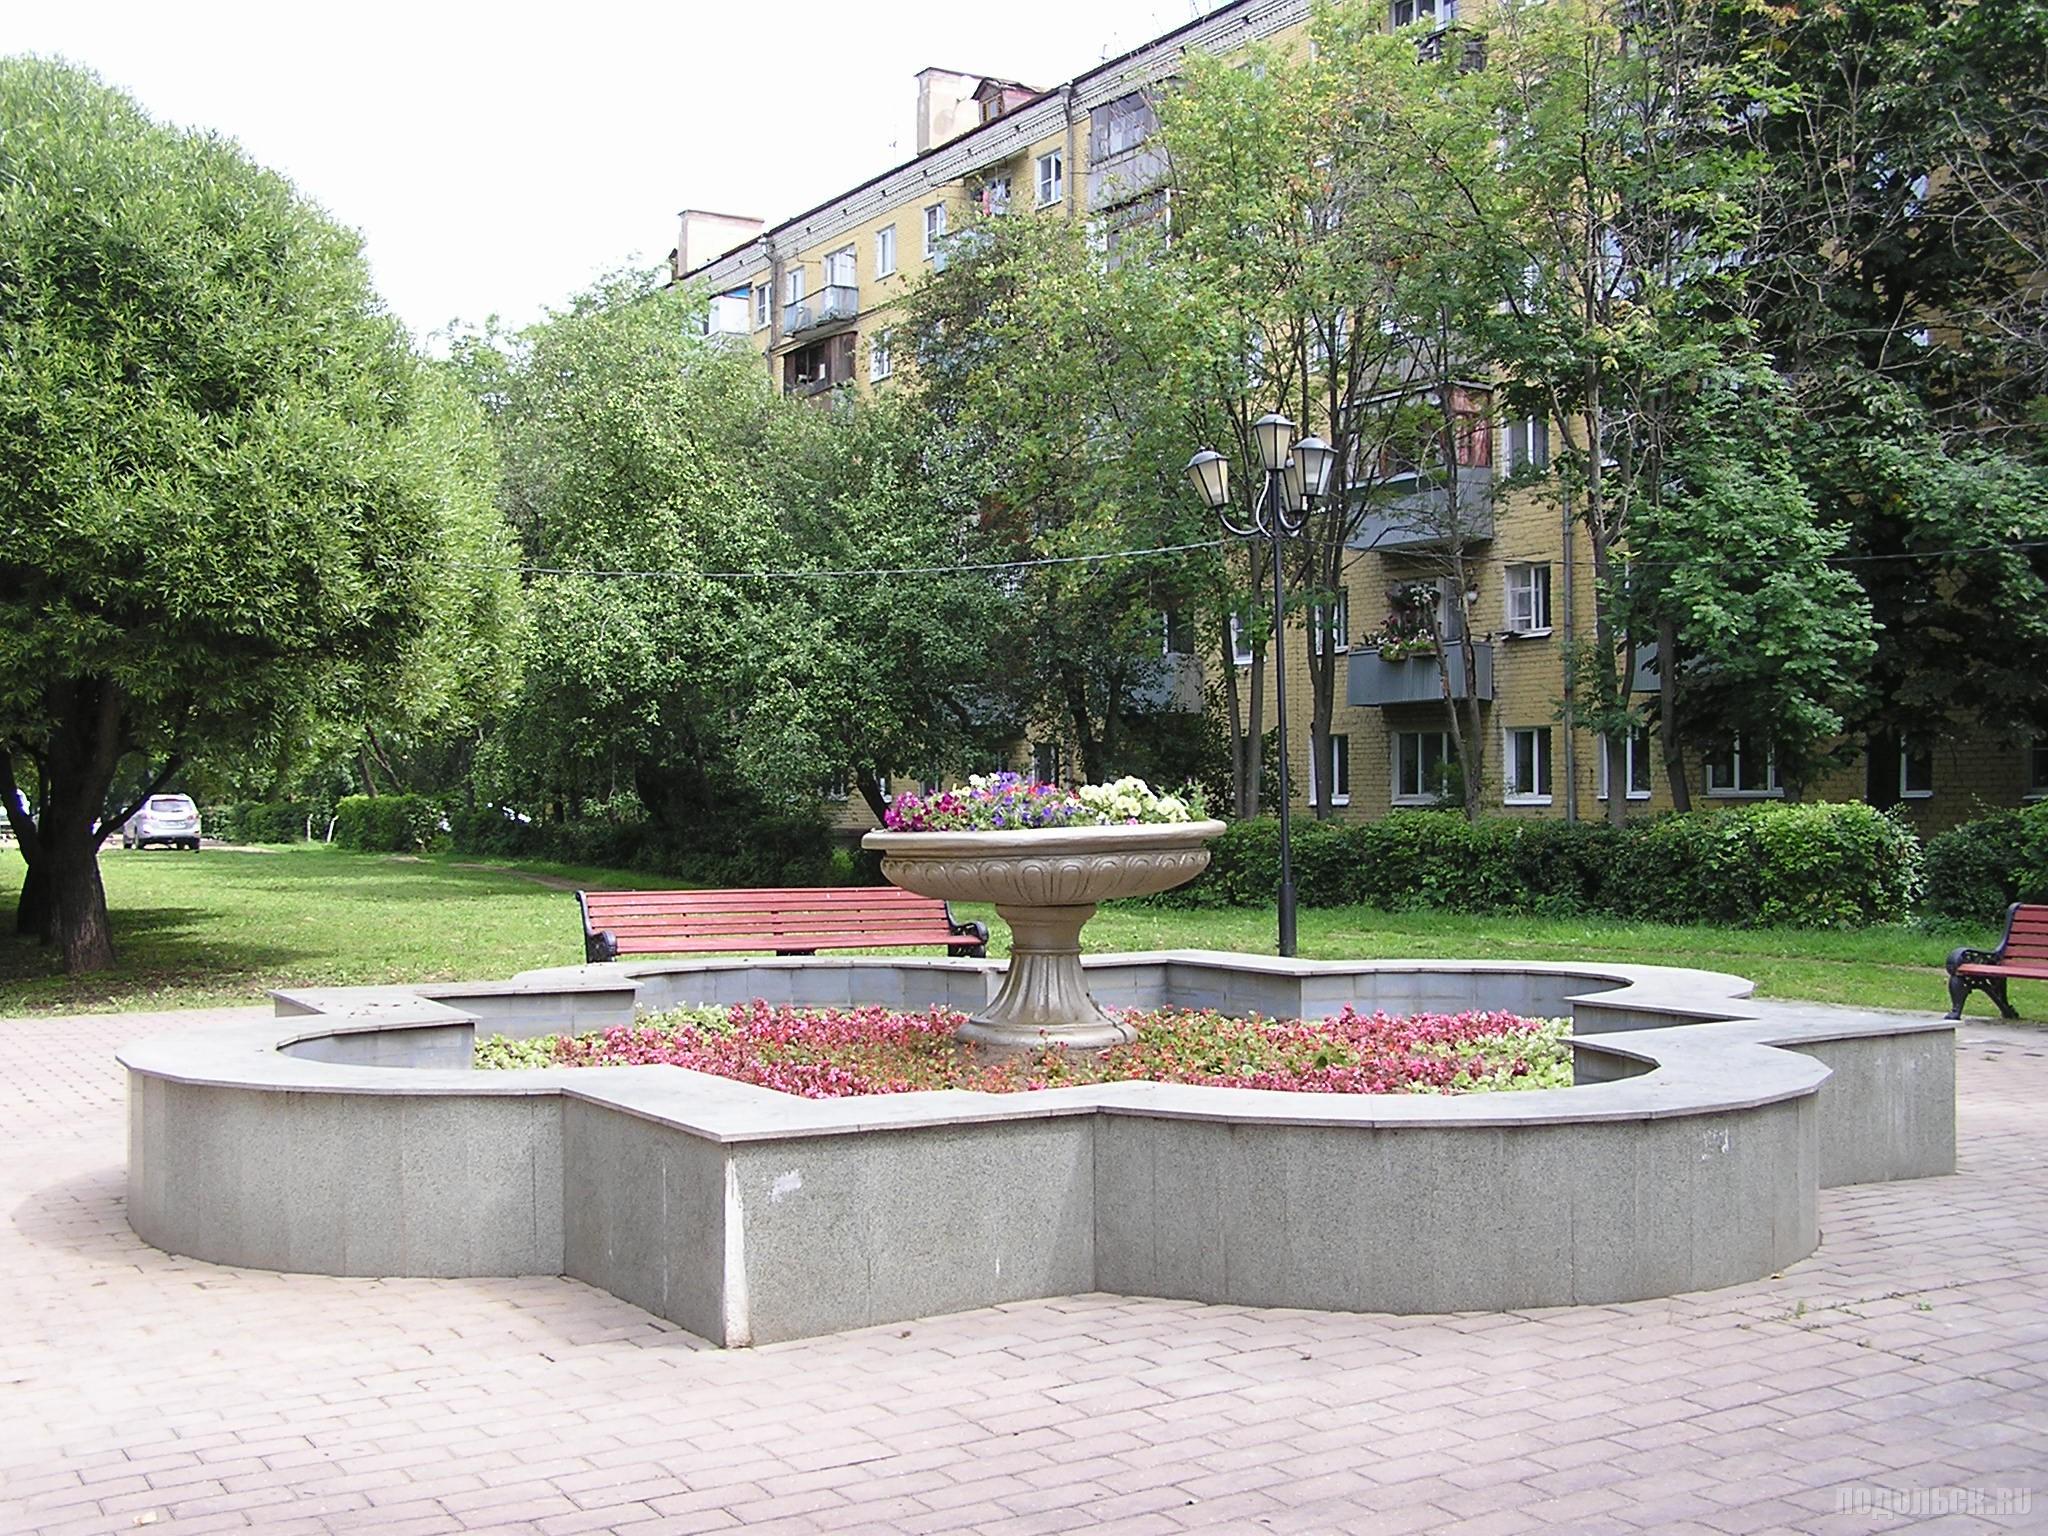 Клумба в фонтане. Климовск. 9 июля 2016 г.